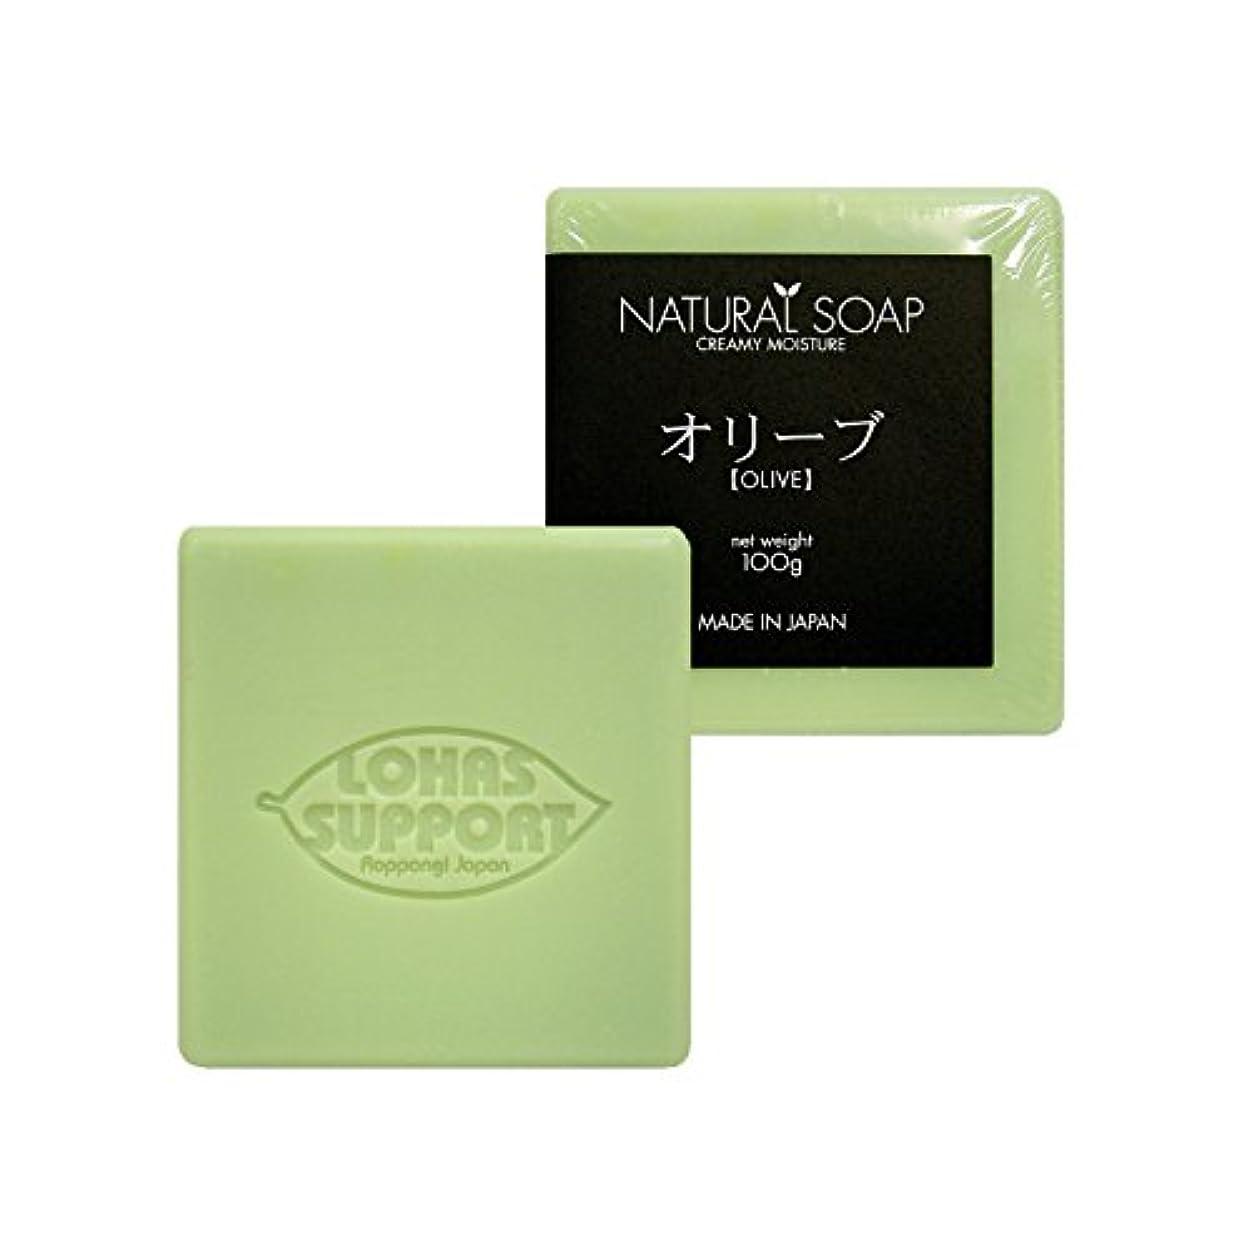 大学生フォーマット検索エンジン最適化NATURAL SOAP